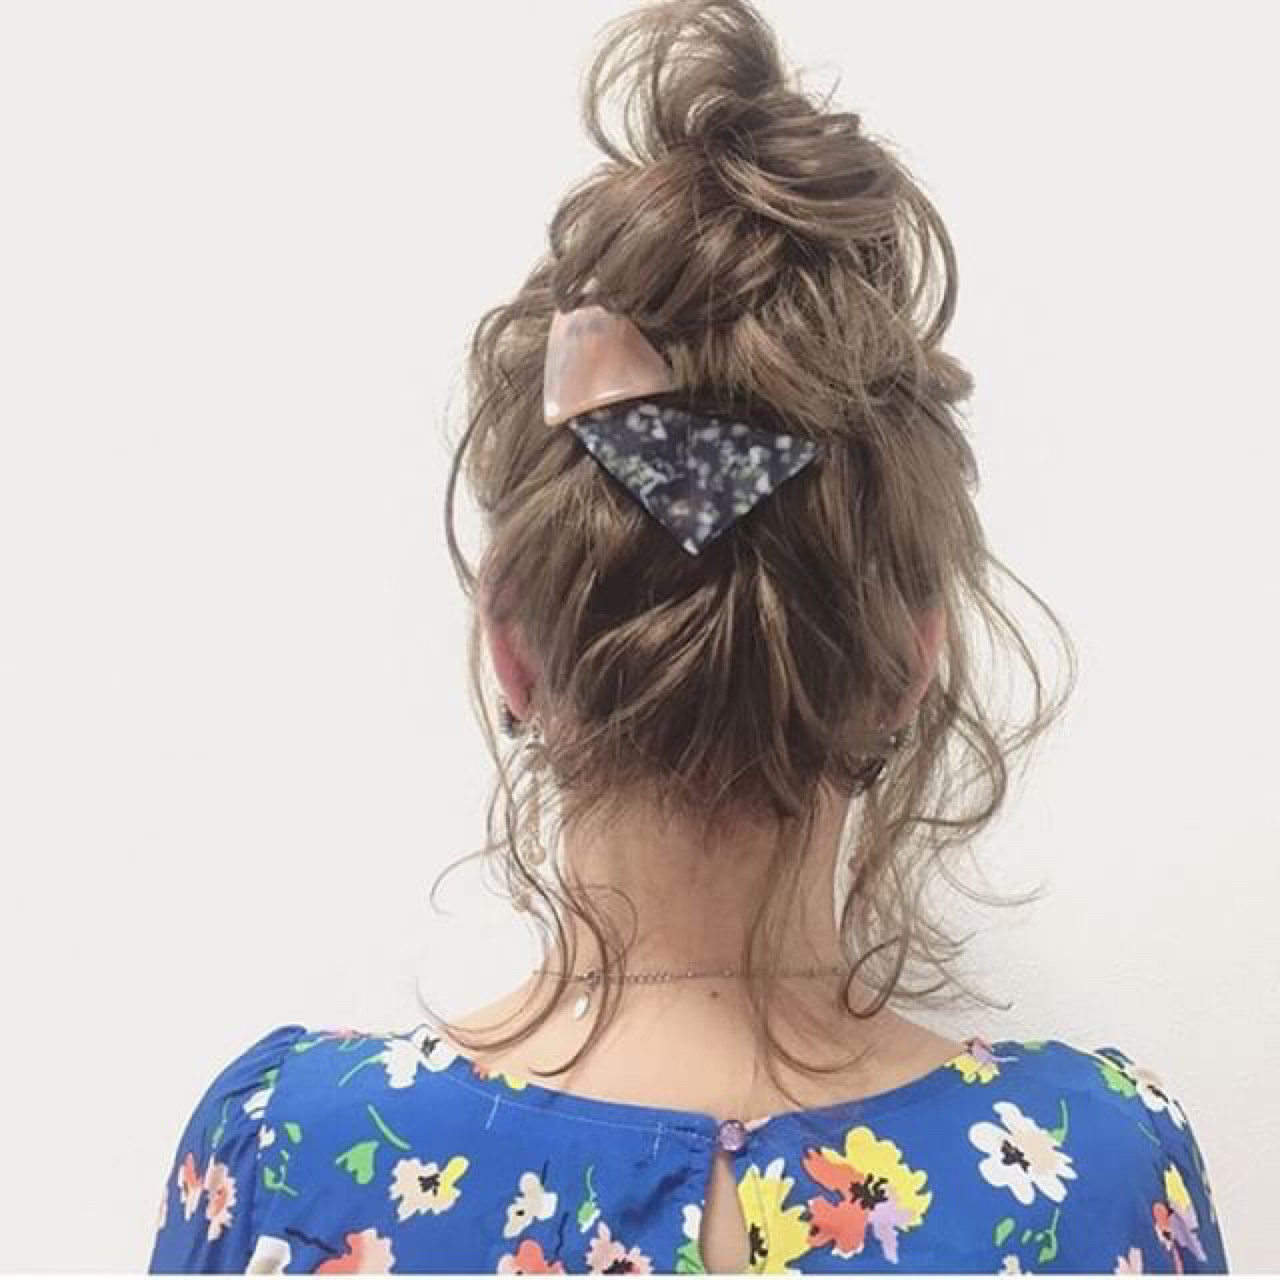 ふわふわ ショート ボブ お団子 ヘアスタイルや髪型の写真・画像